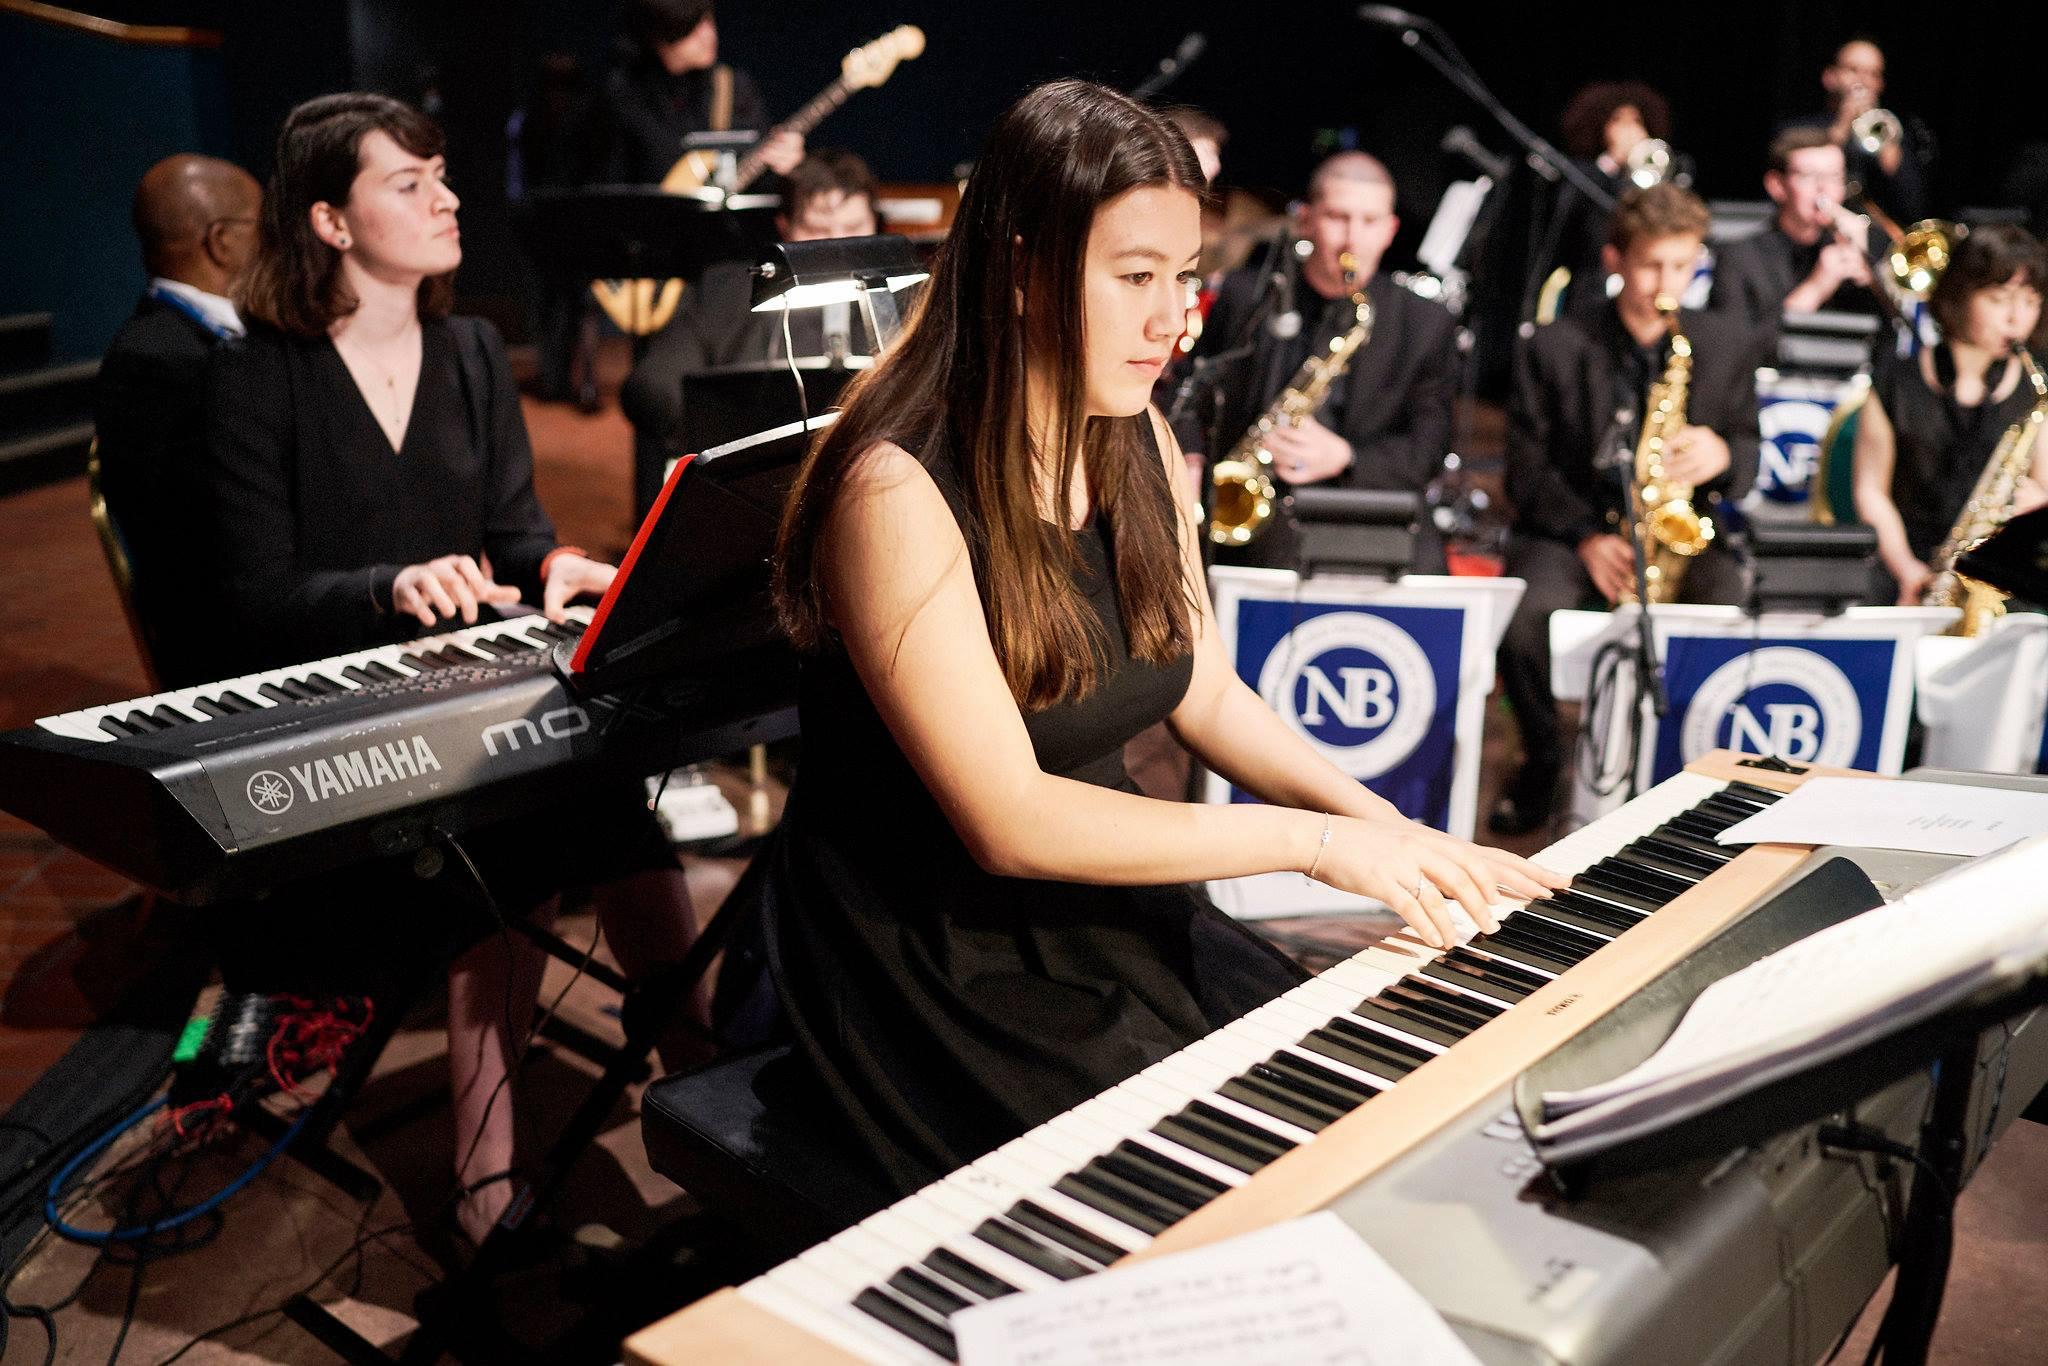 Schüler:innen eines Internats in einem Orchesters